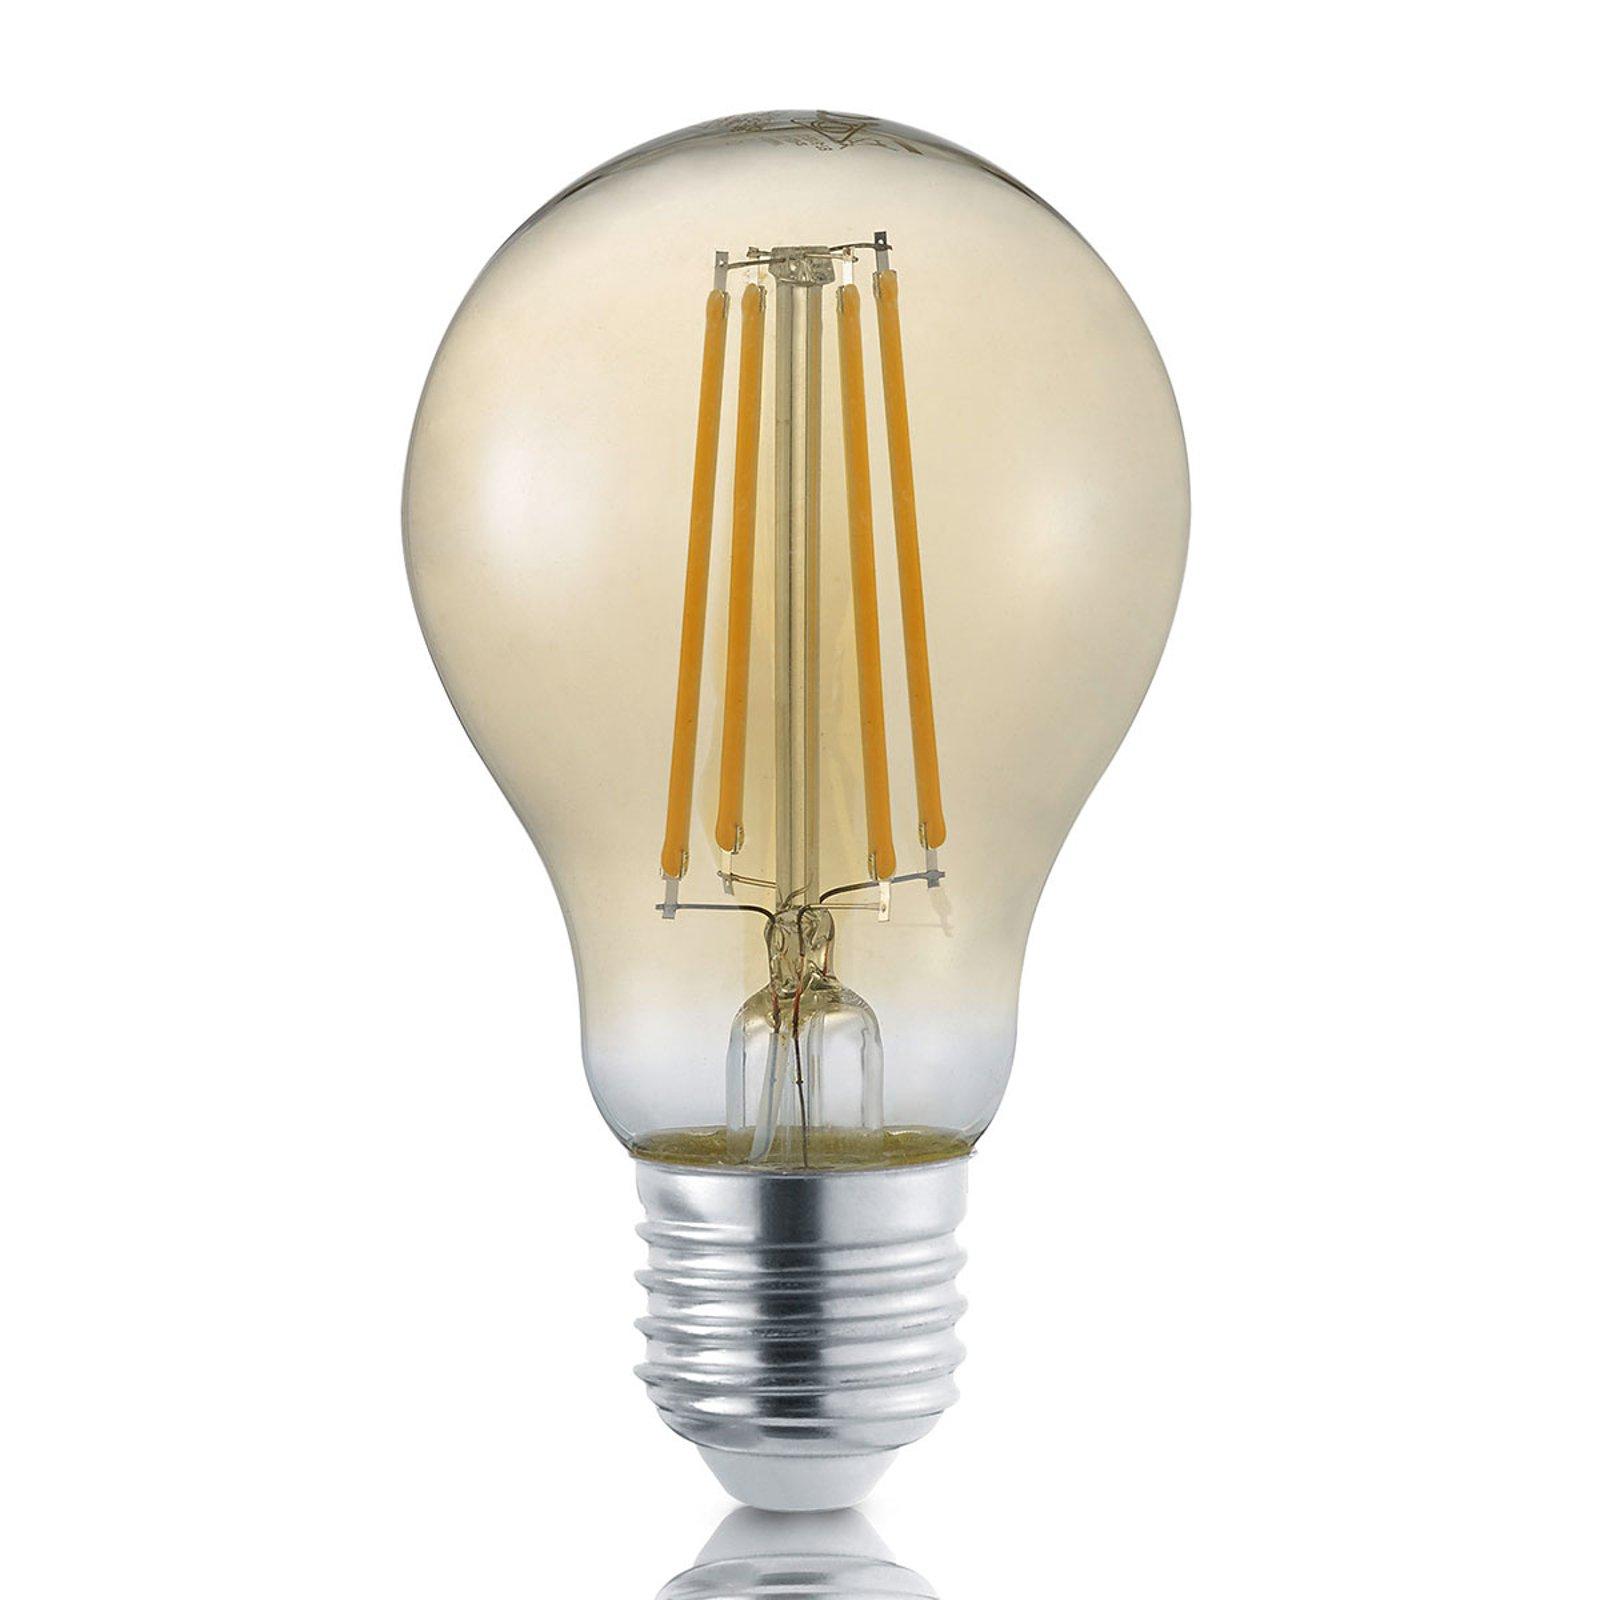 LED-filamentpære E27 8 W gull dimmebryter 2 700 K